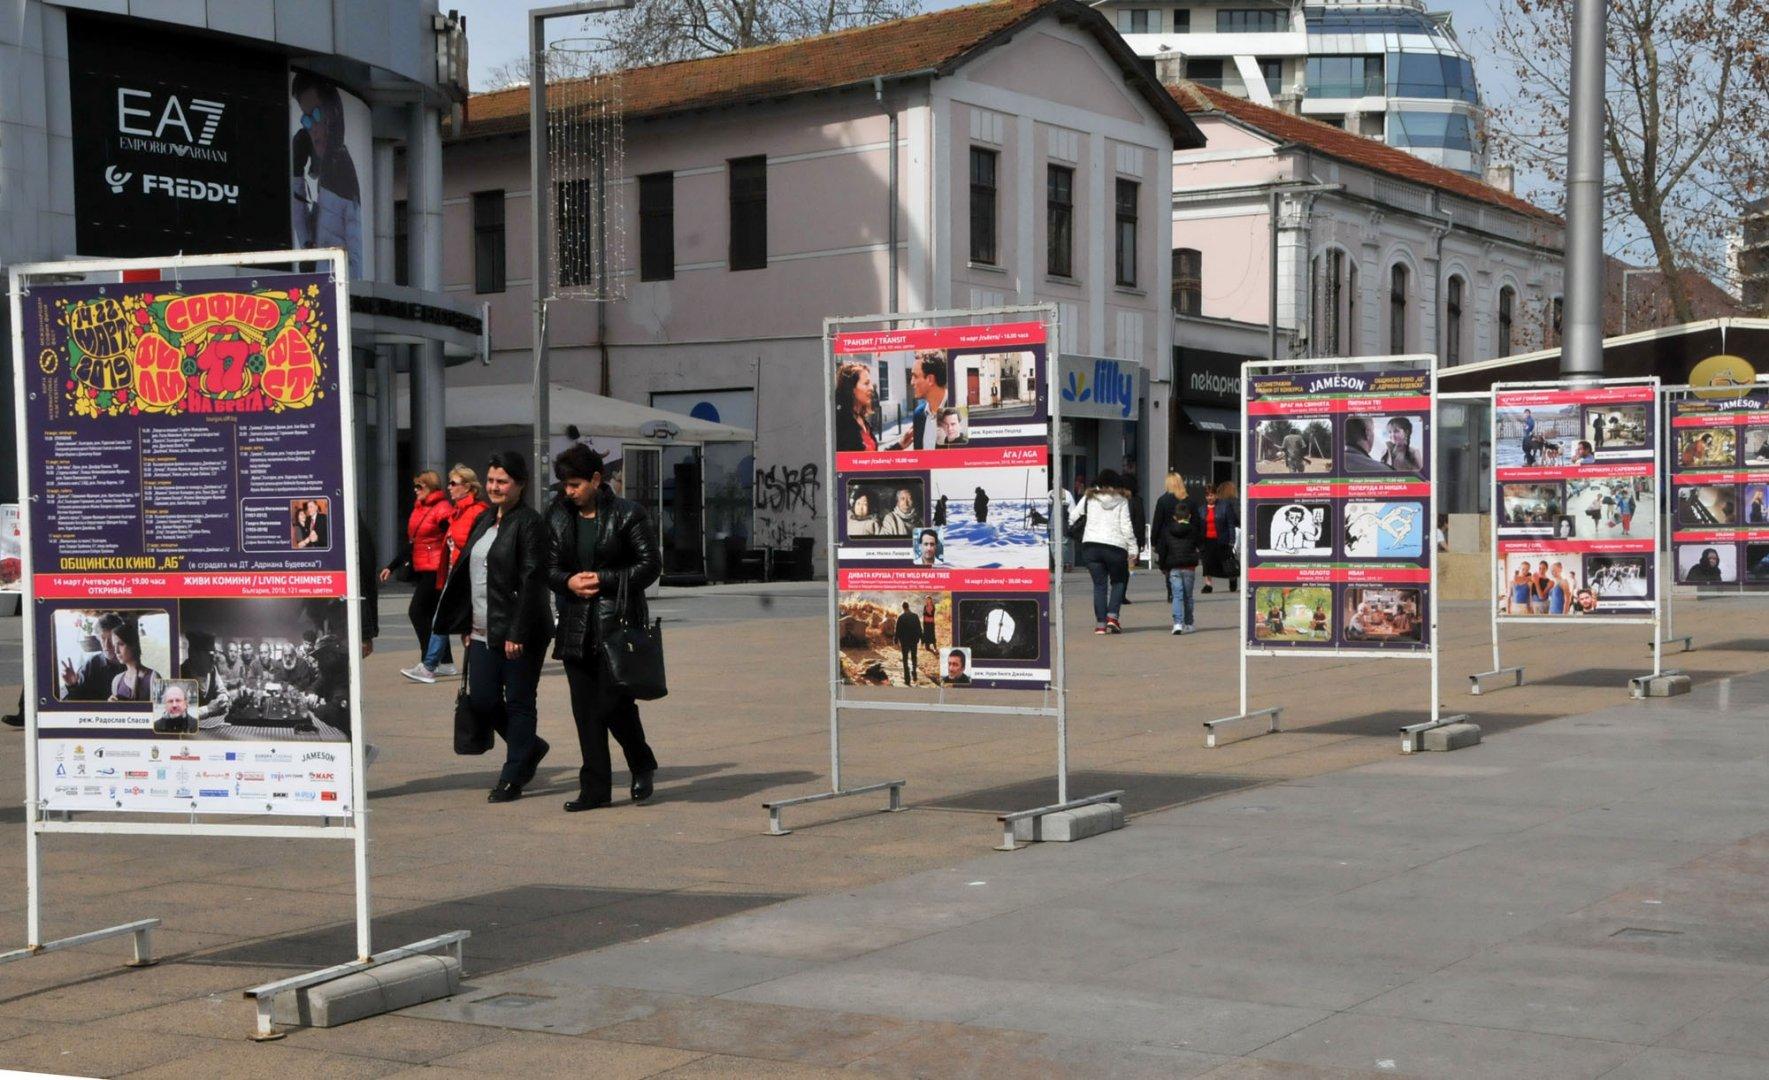 Пана рекламират XVII-ия Международен София филм фест на брега в Бургас. Снимка Лина Главинова